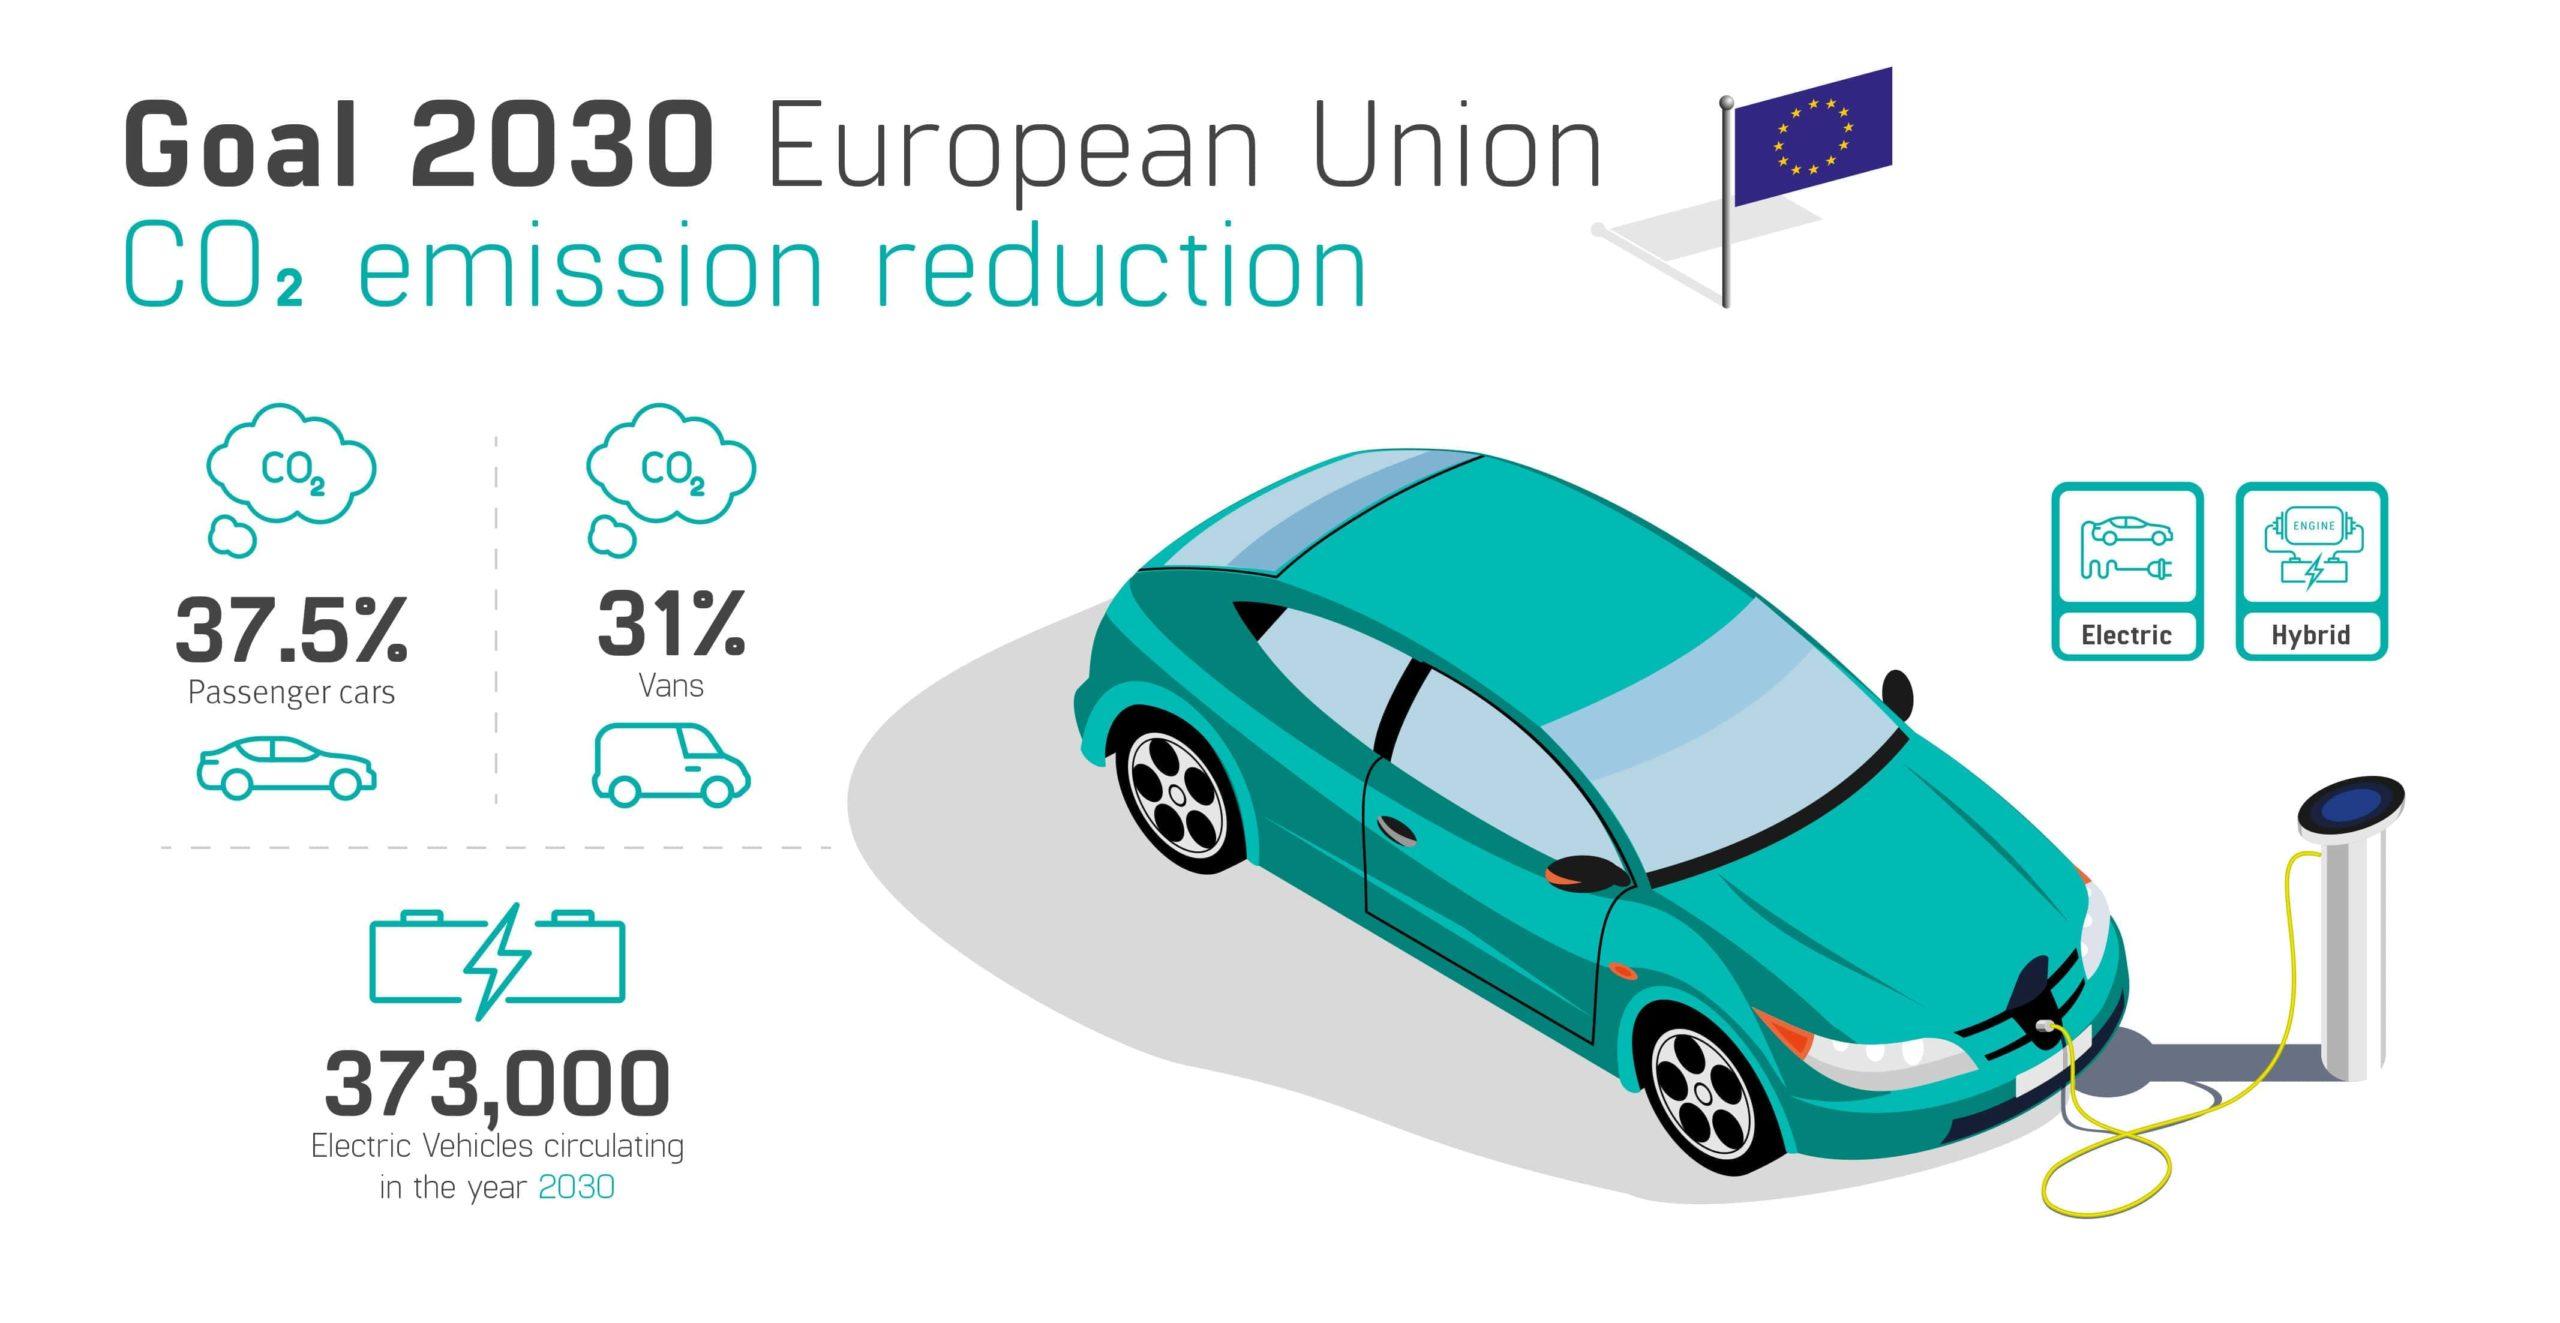 reducción-emisiones-co2-coche-inglés-min-scaled